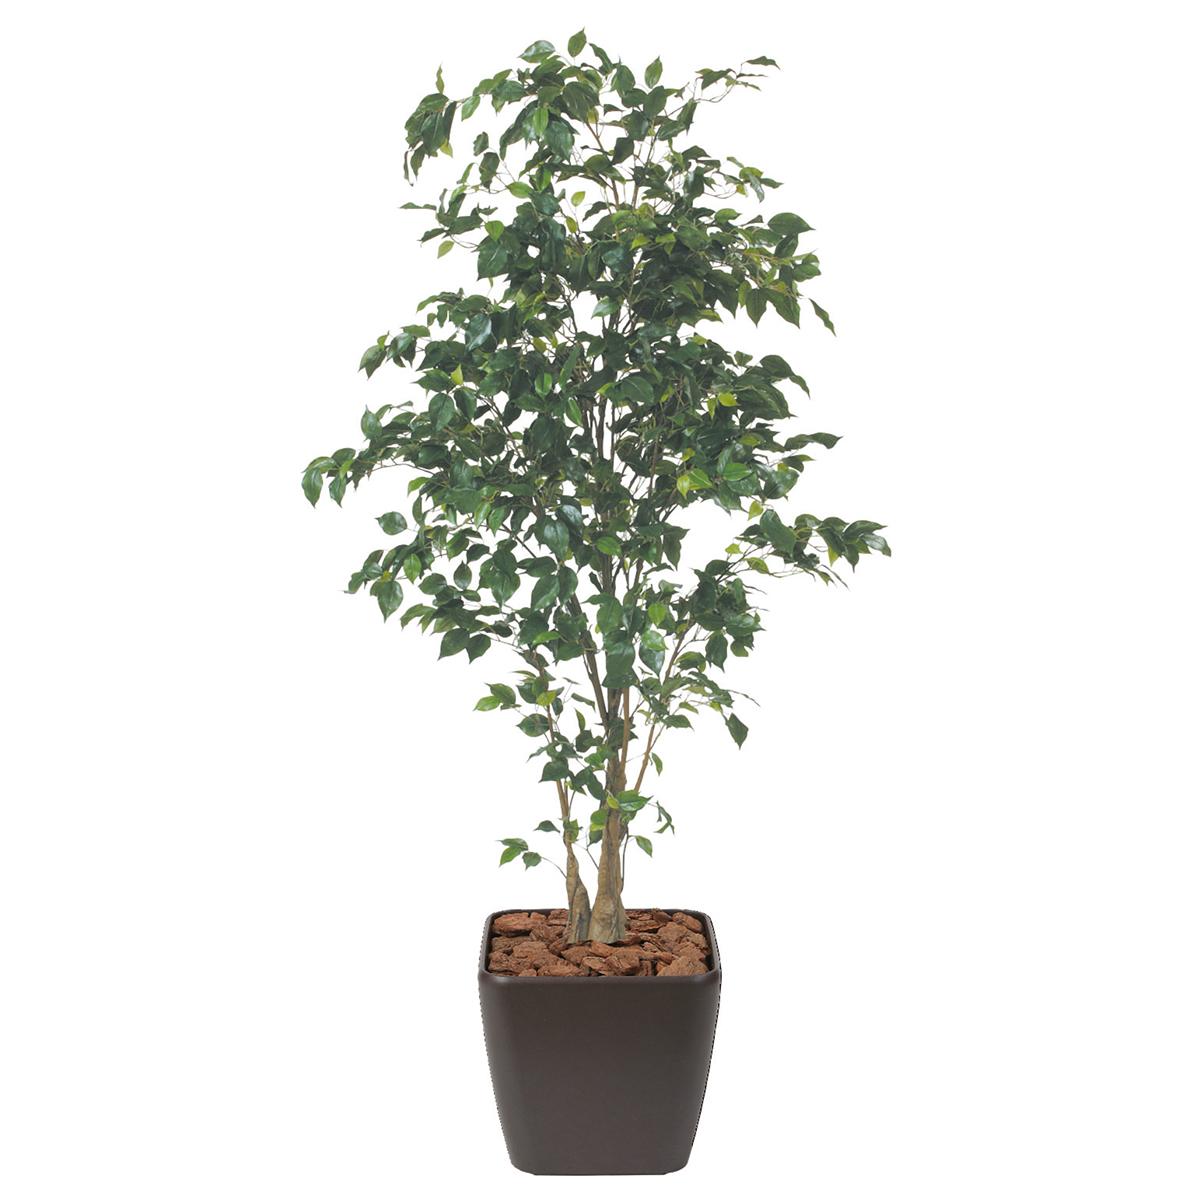 送料無料激安祭 オフィスにグリーンを ベンジャミン H1800mm HBKD-1-020 希望者のみラッピング無料 インテリアグリーン フェイクグリーン 観葉植物 オフィスグリーン